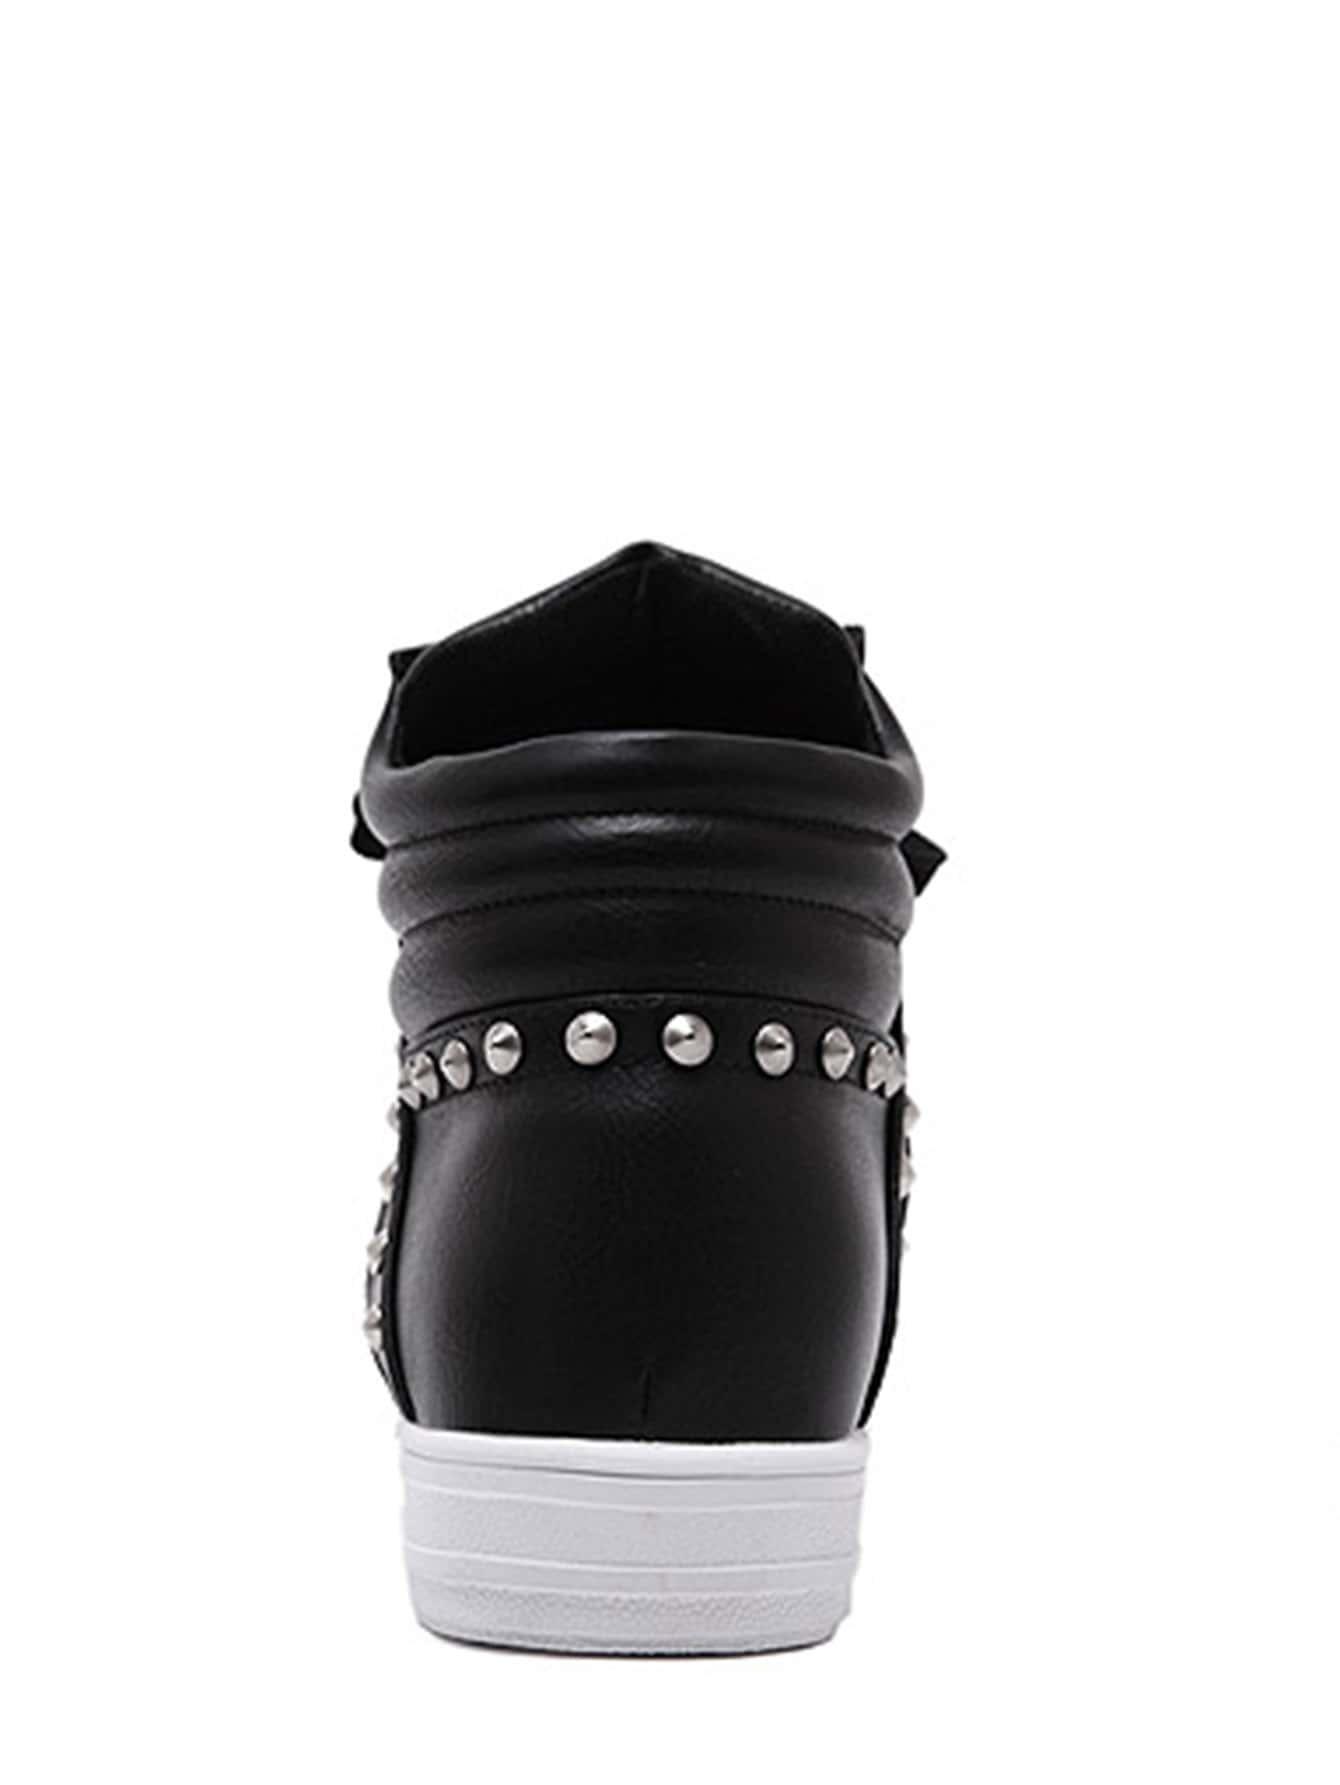 shoes161028814_2